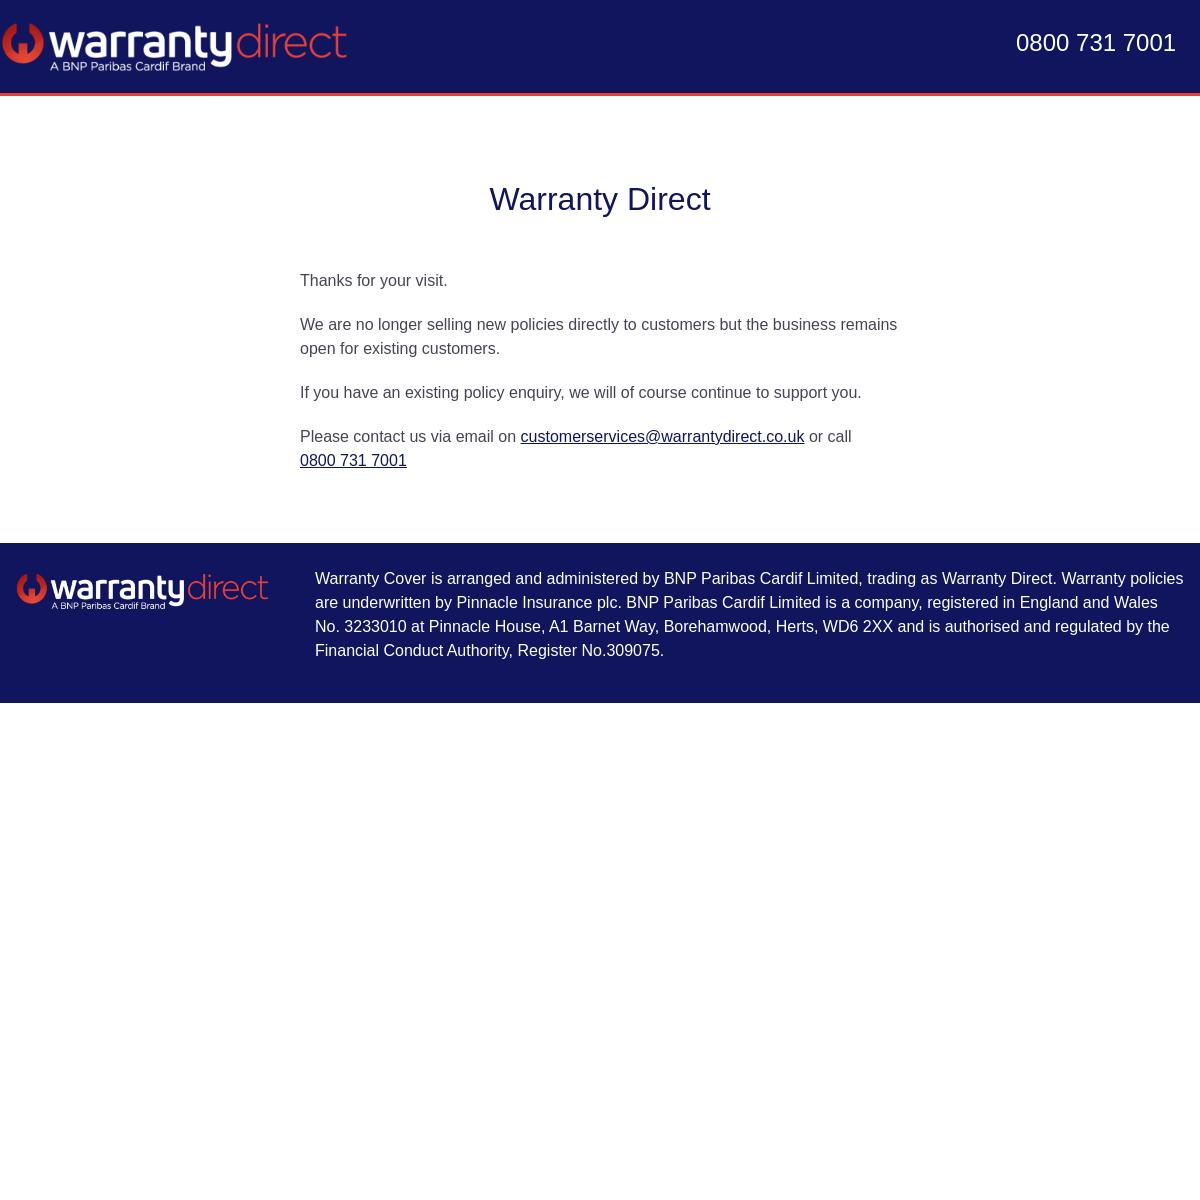 A complete backup of warrantydirect.co.uk